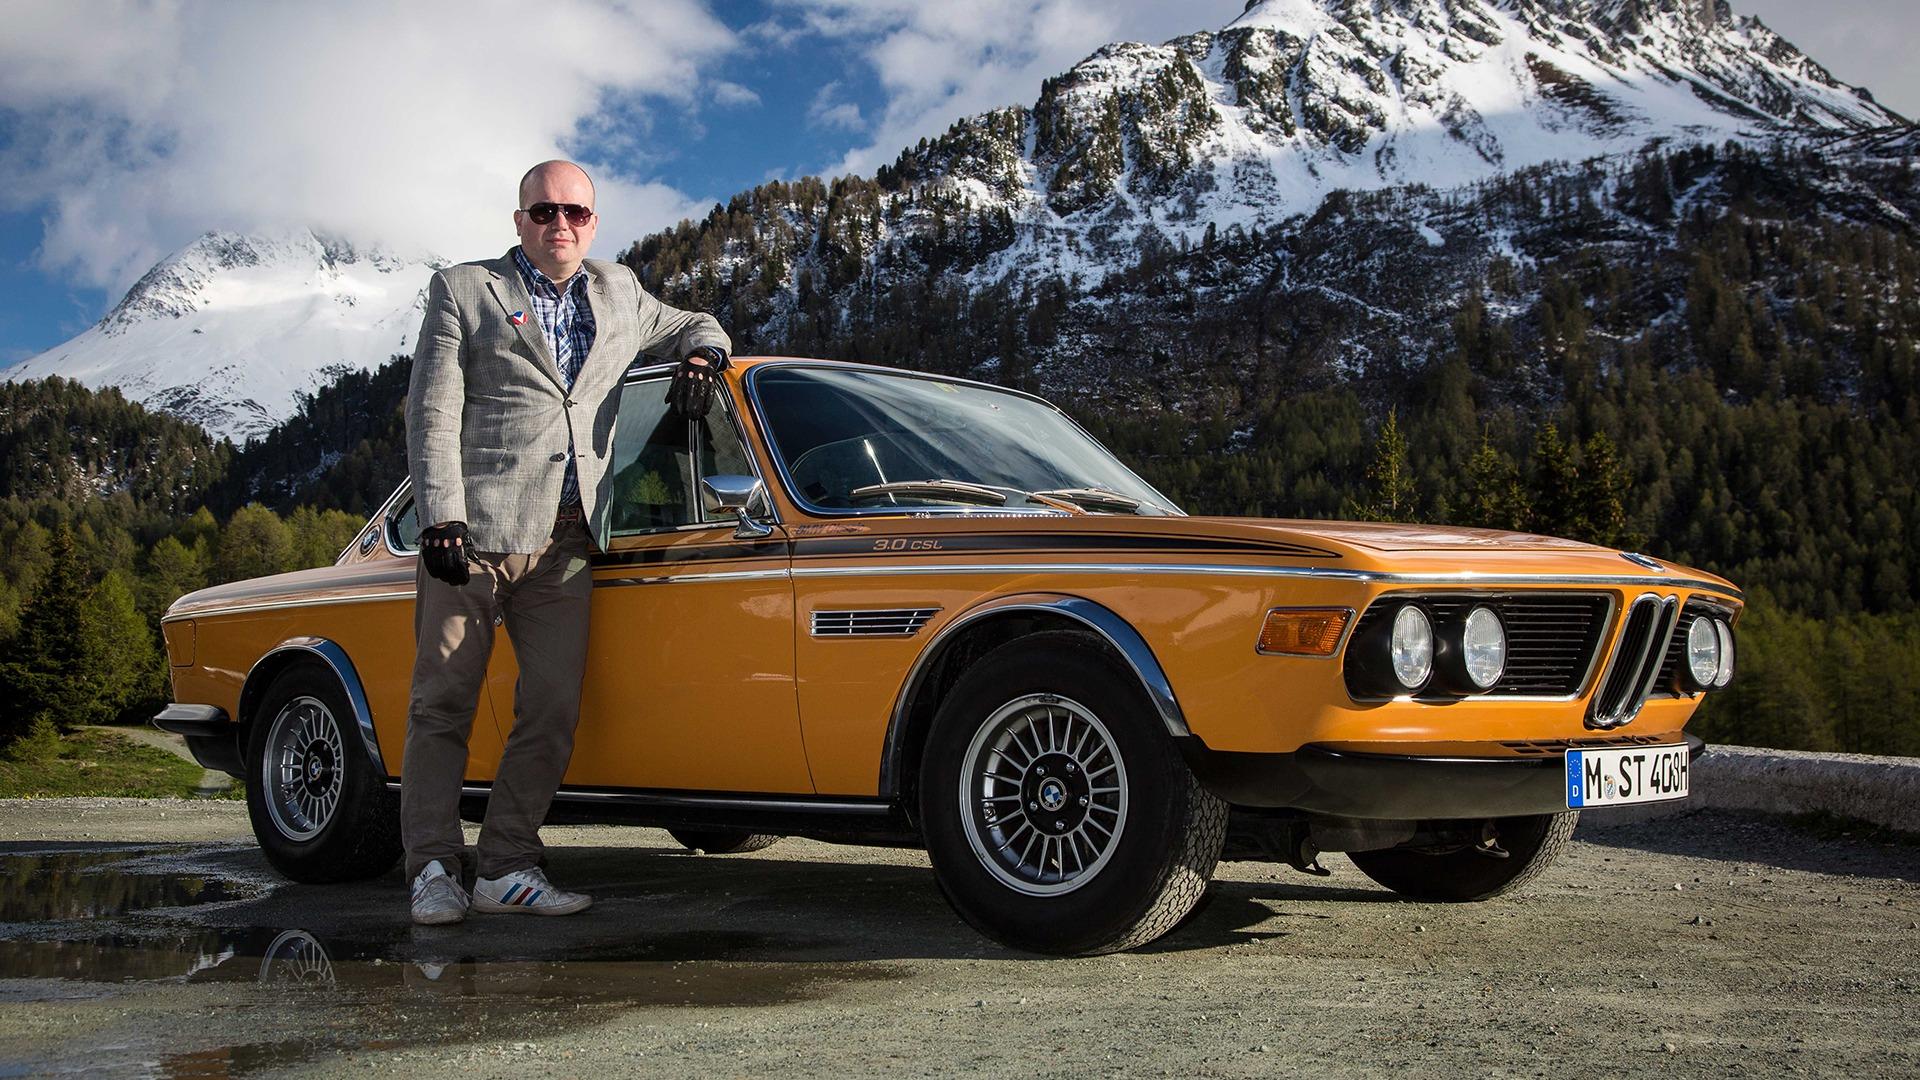 Lordens garasje ep. 49 - Den perfekte bilferien: Alpene